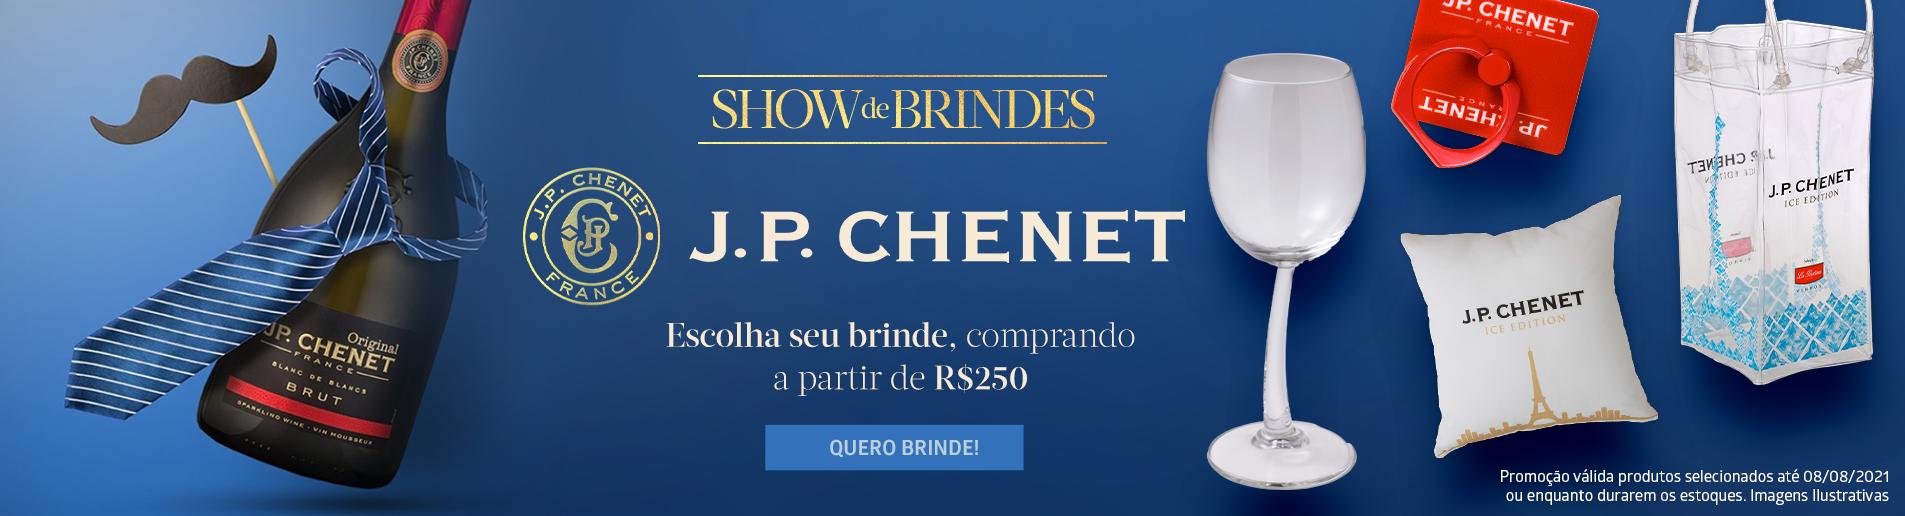 JP CHENET | Sub Banner | Desk